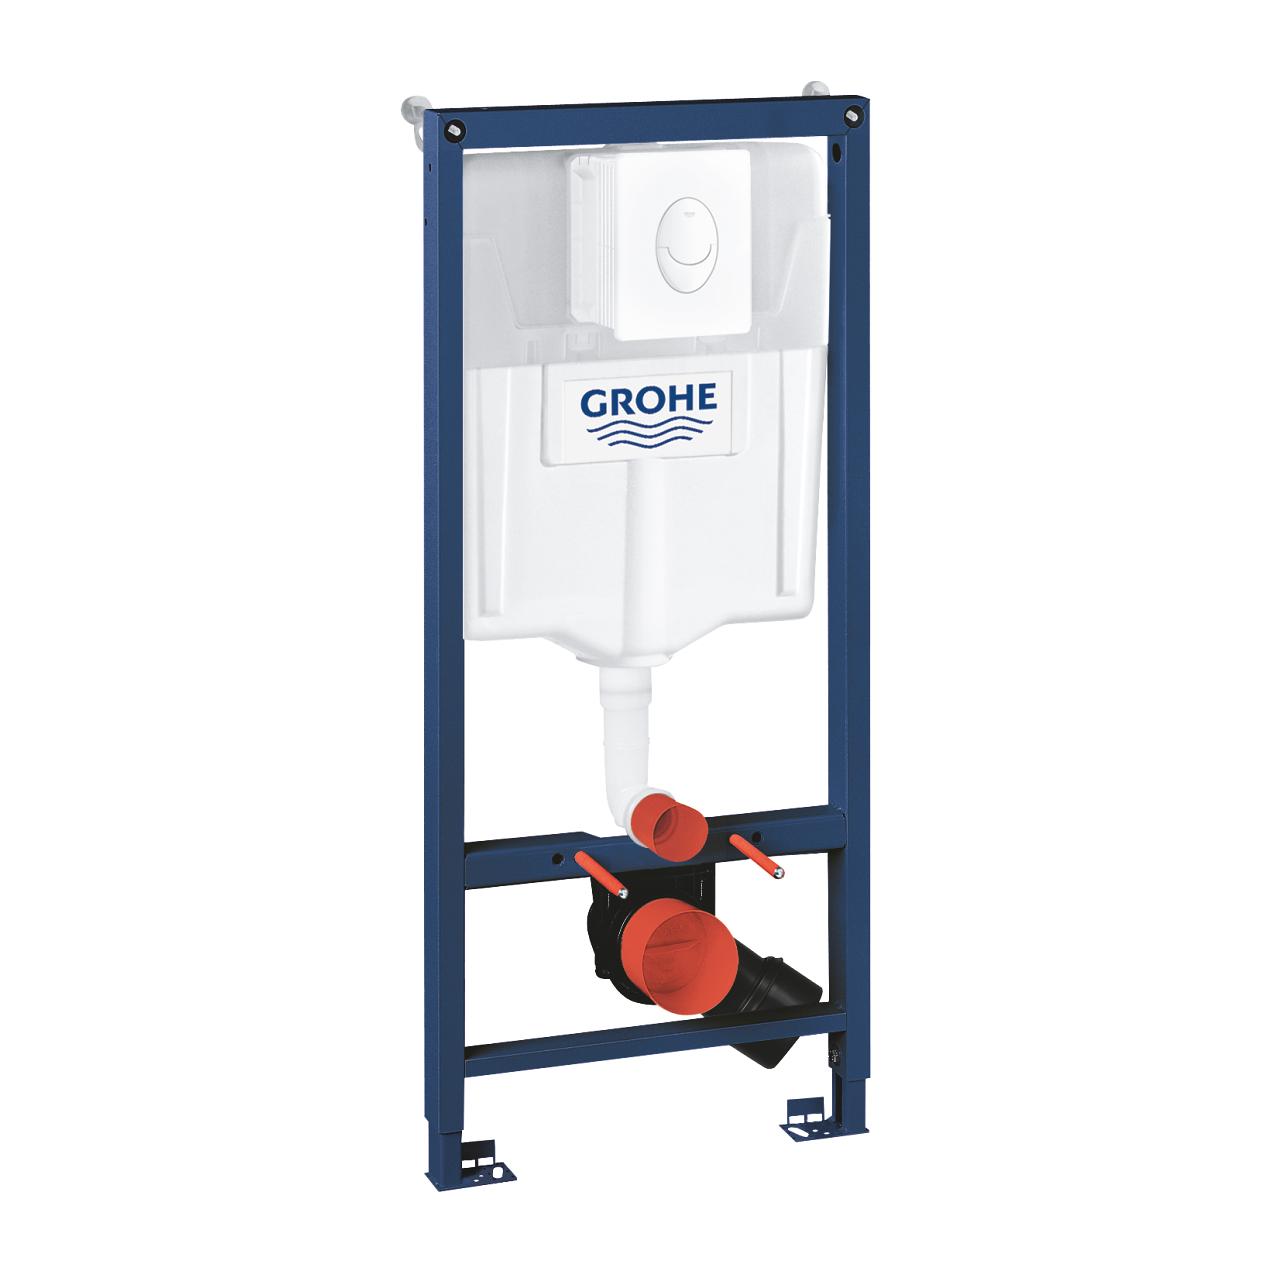 Купить Инсталляция Grohe rapid sl для подвесного унитаза с кнопкой, белый, перед капитальной стеной